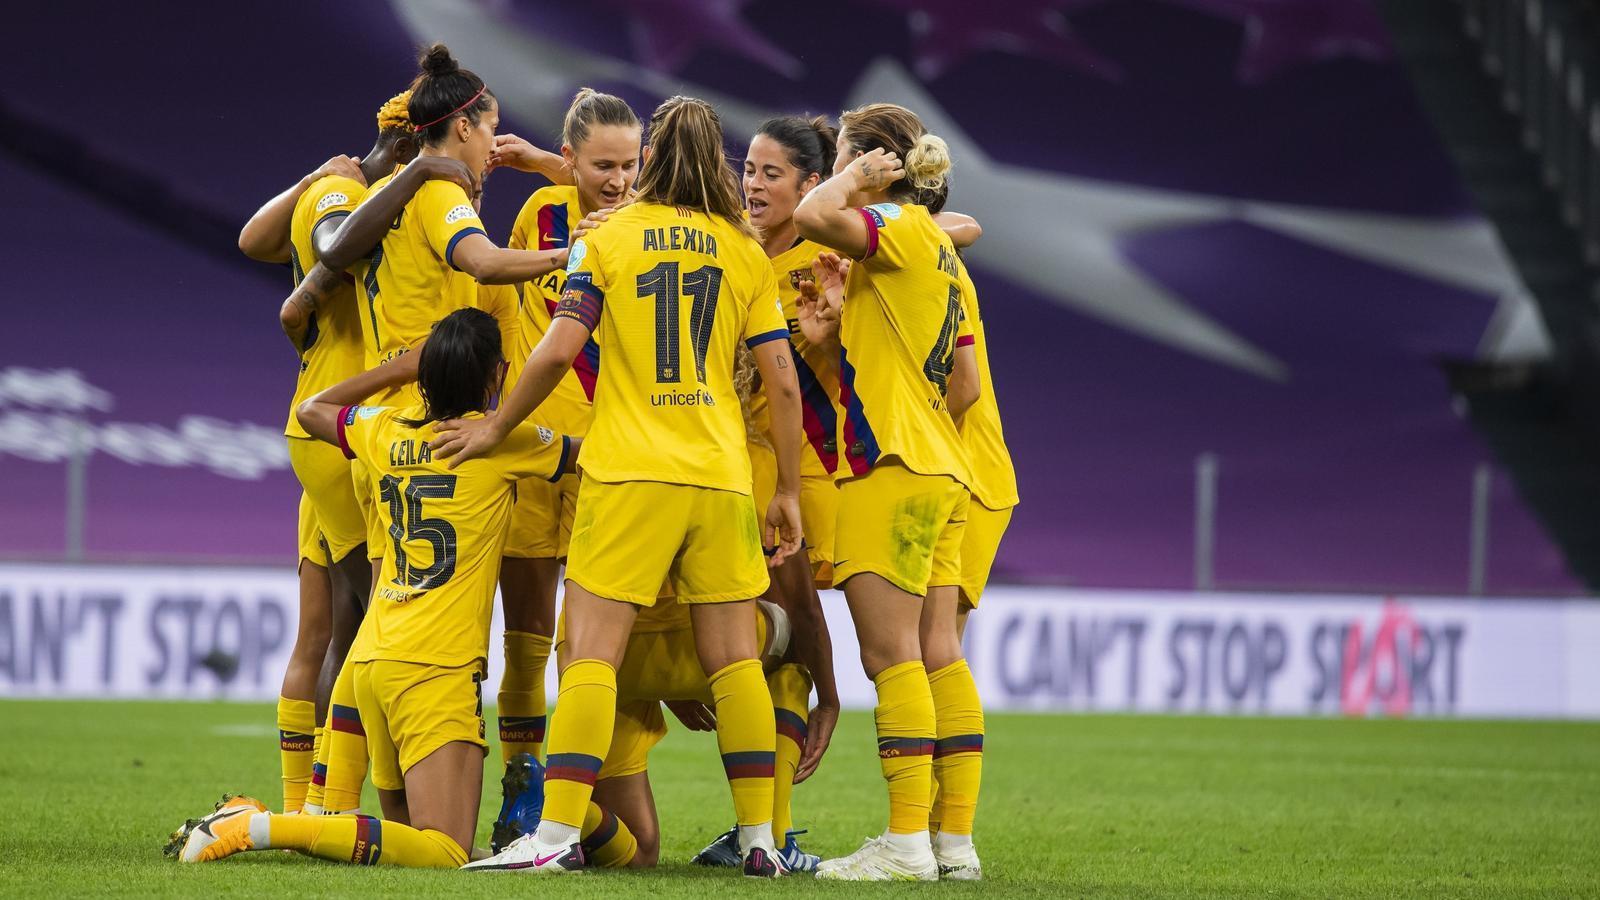 Celebració de l'equip en el gol contra l'Atlètic de Madrid a quarts de final